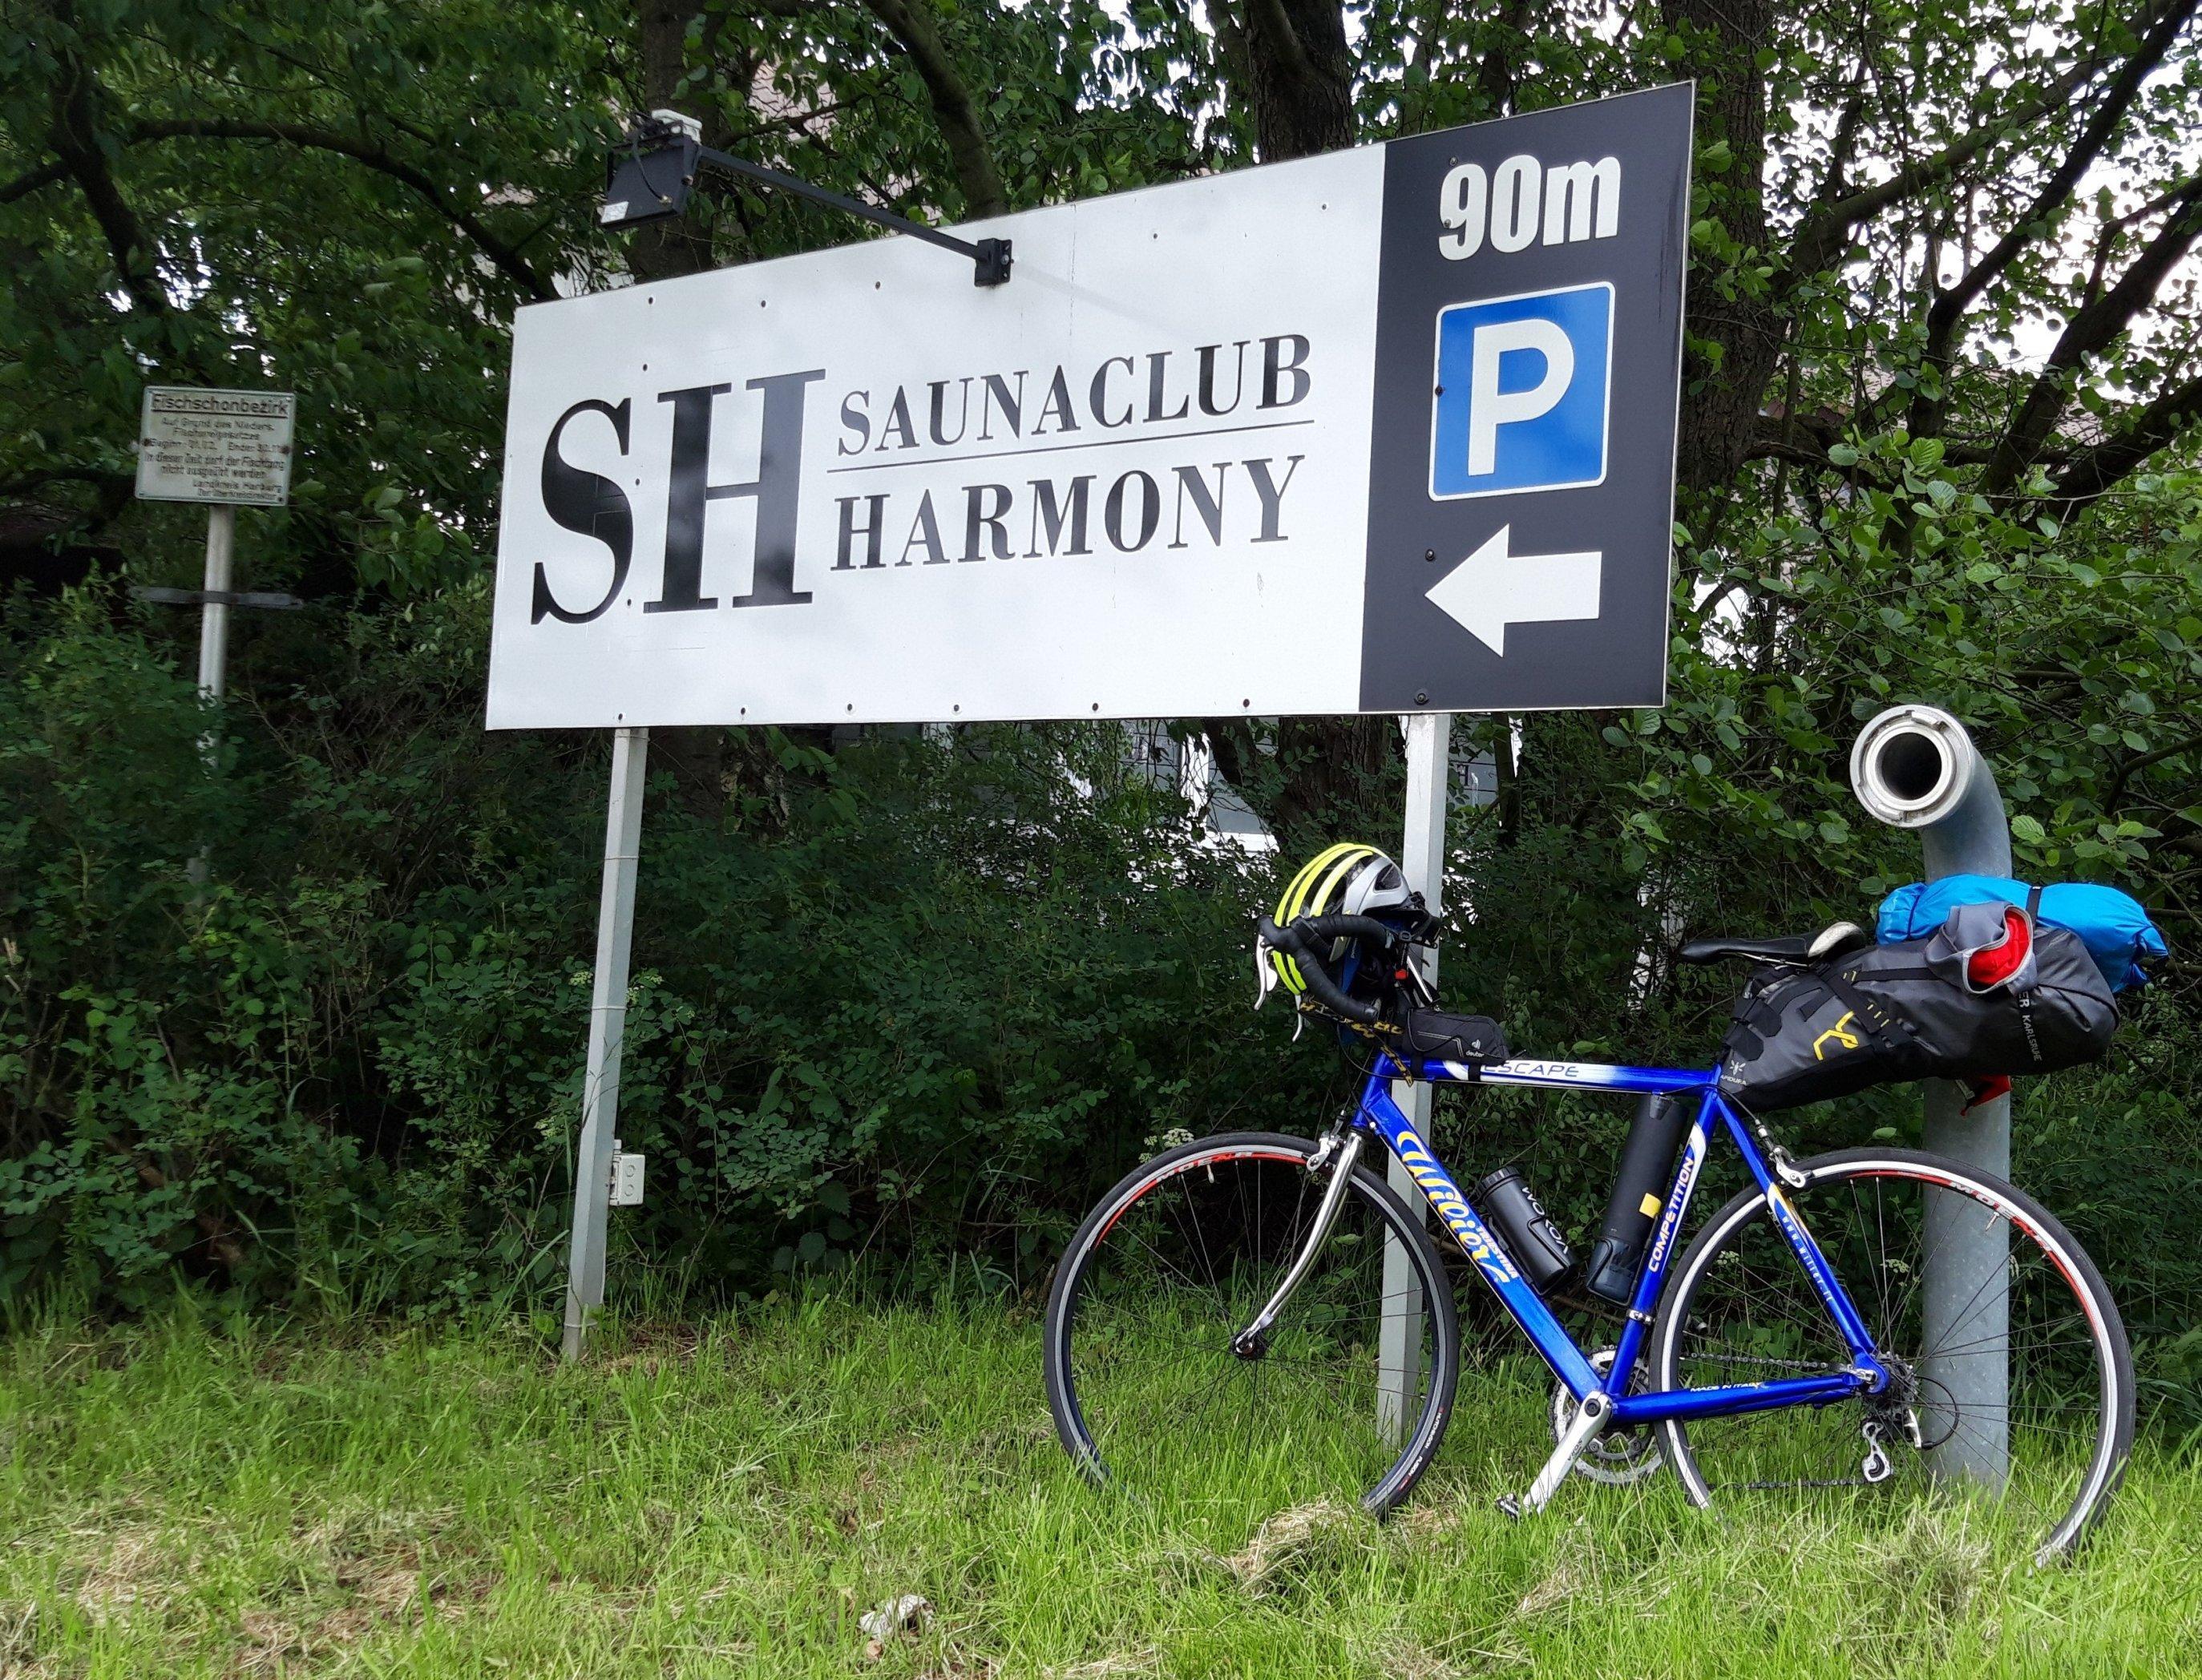 Das Vehikel des RadelndenReporters lehnt an einem Hinweisschild mit der Aufschrift Saunaclub Harmony.